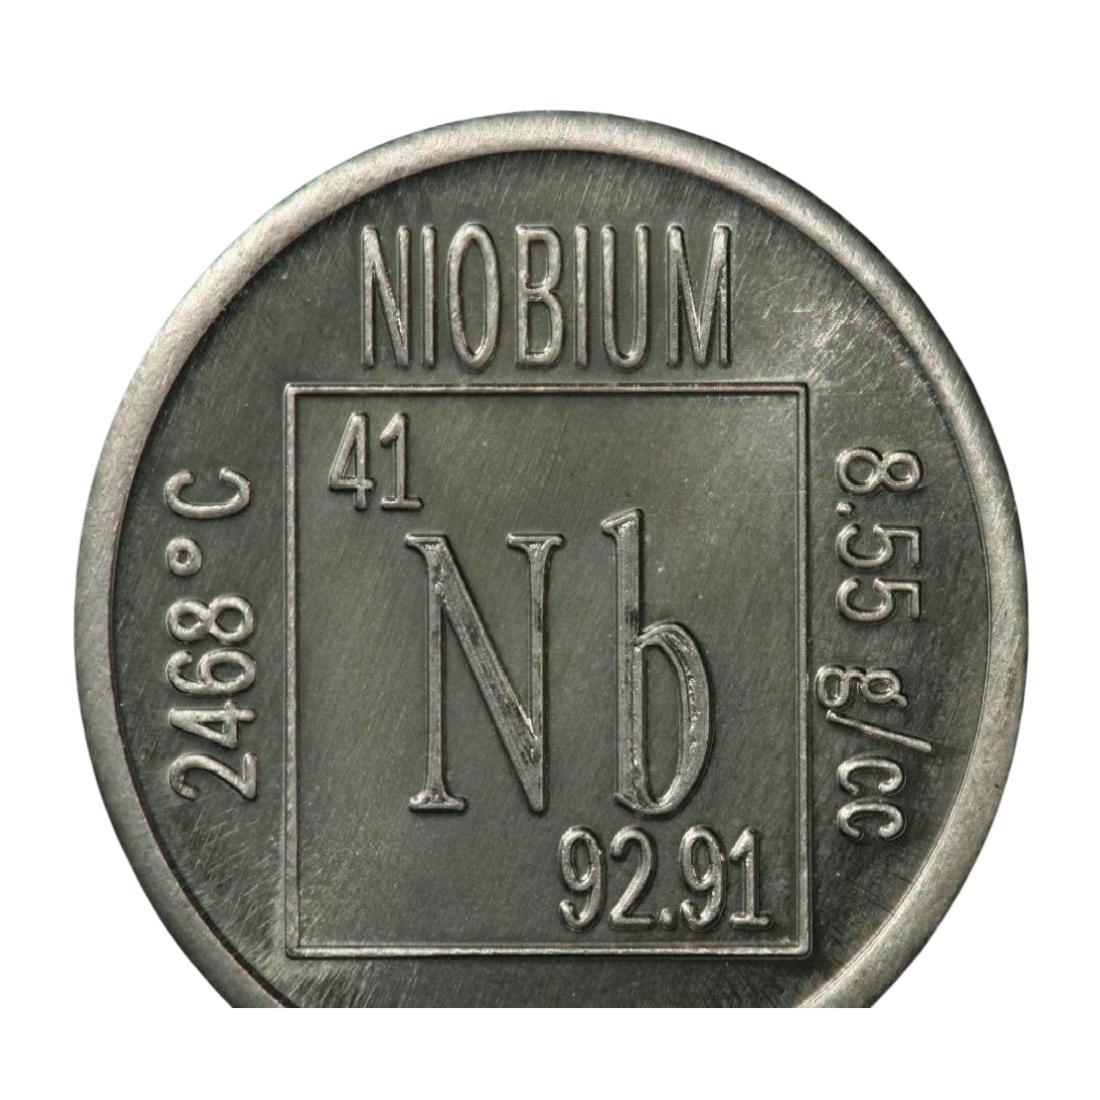 Niobium Zirconium Alloy